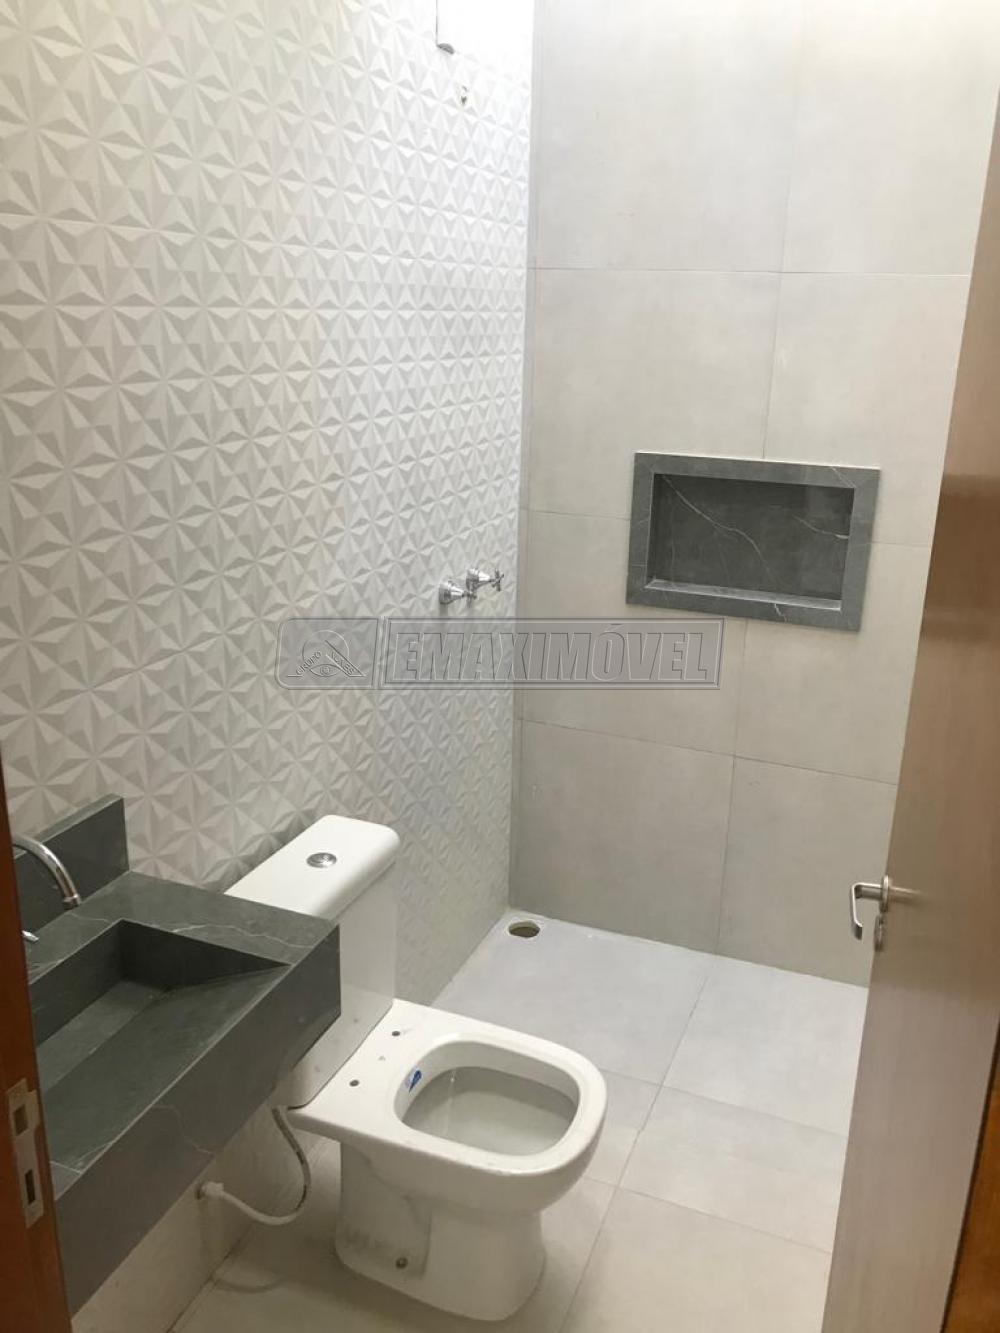 Comprar Casas / em Condomínios em Sorocaba apenas R$ 370.000,00 - Foto 6